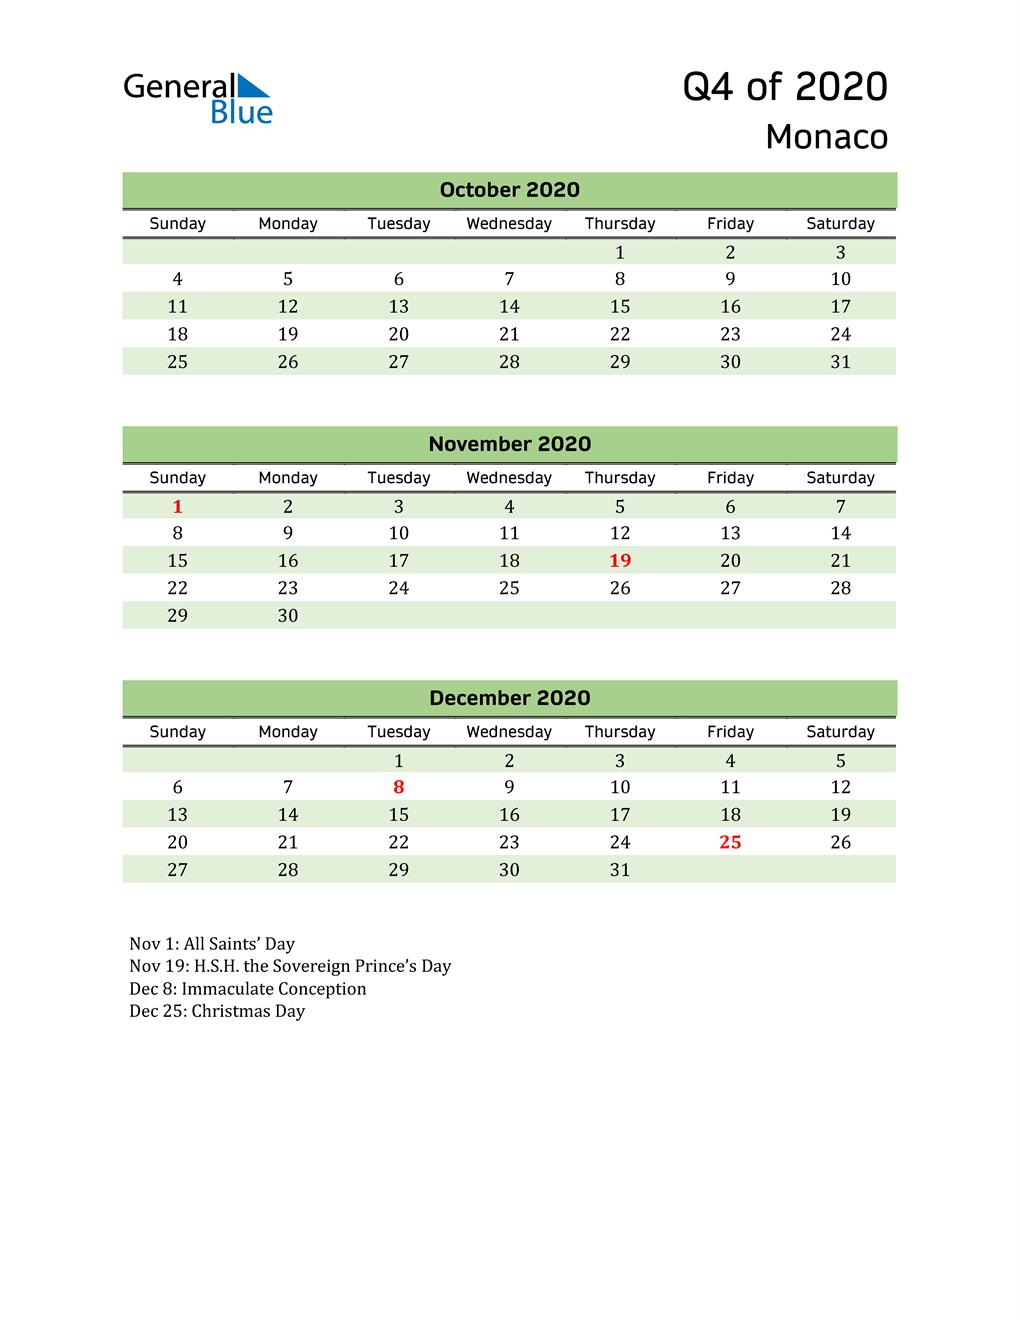 Quarterly Calendar 2020 with Monaco Holidays